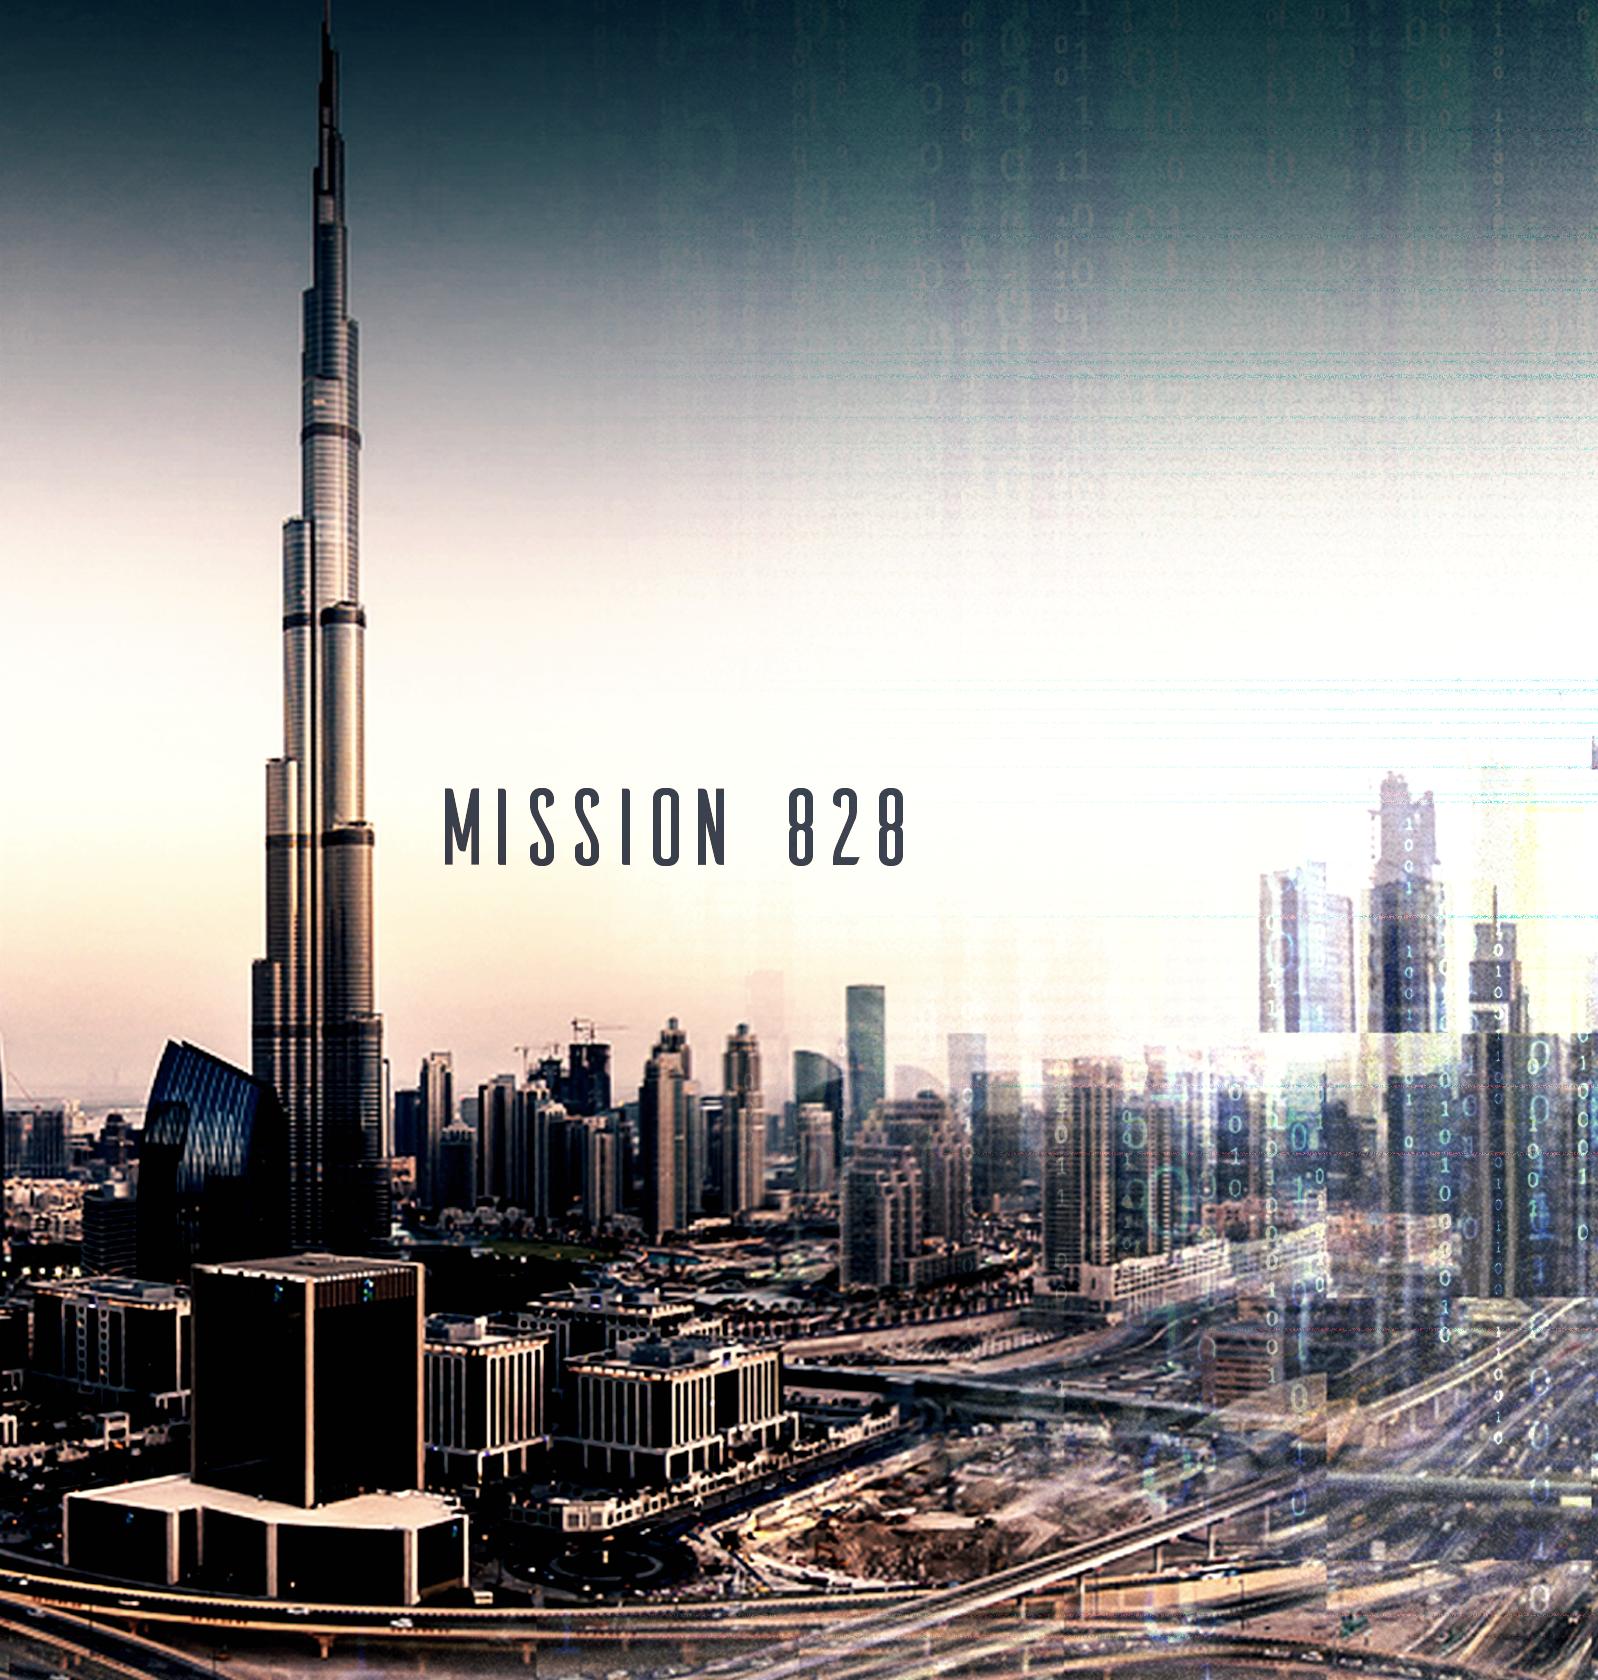 Mission 828